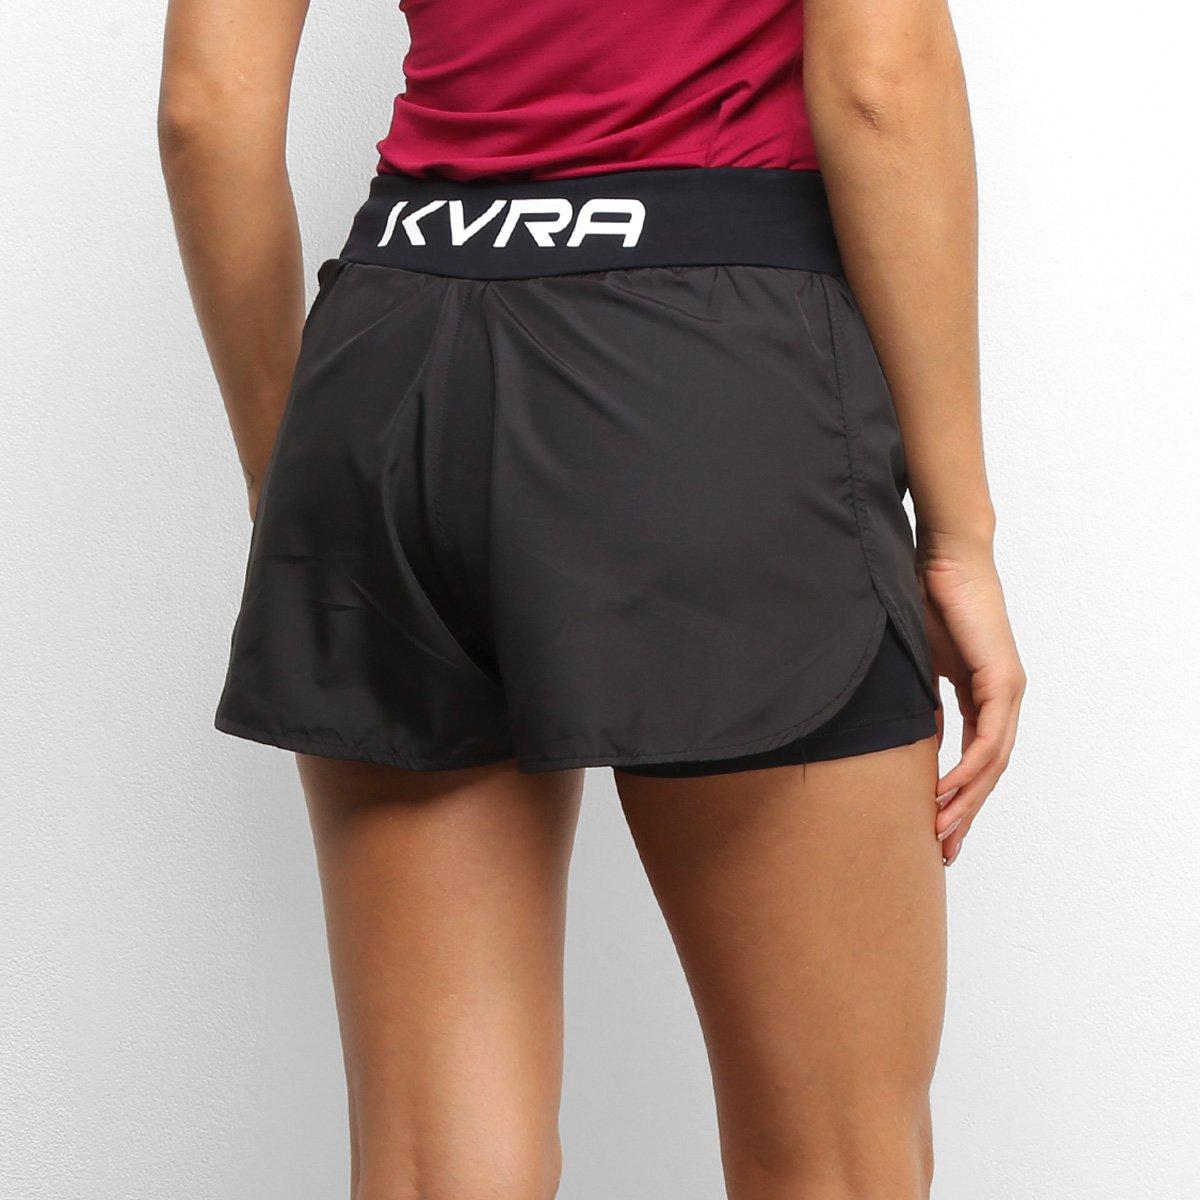 Short KVRA Ride Feminino - Tam: G - 1